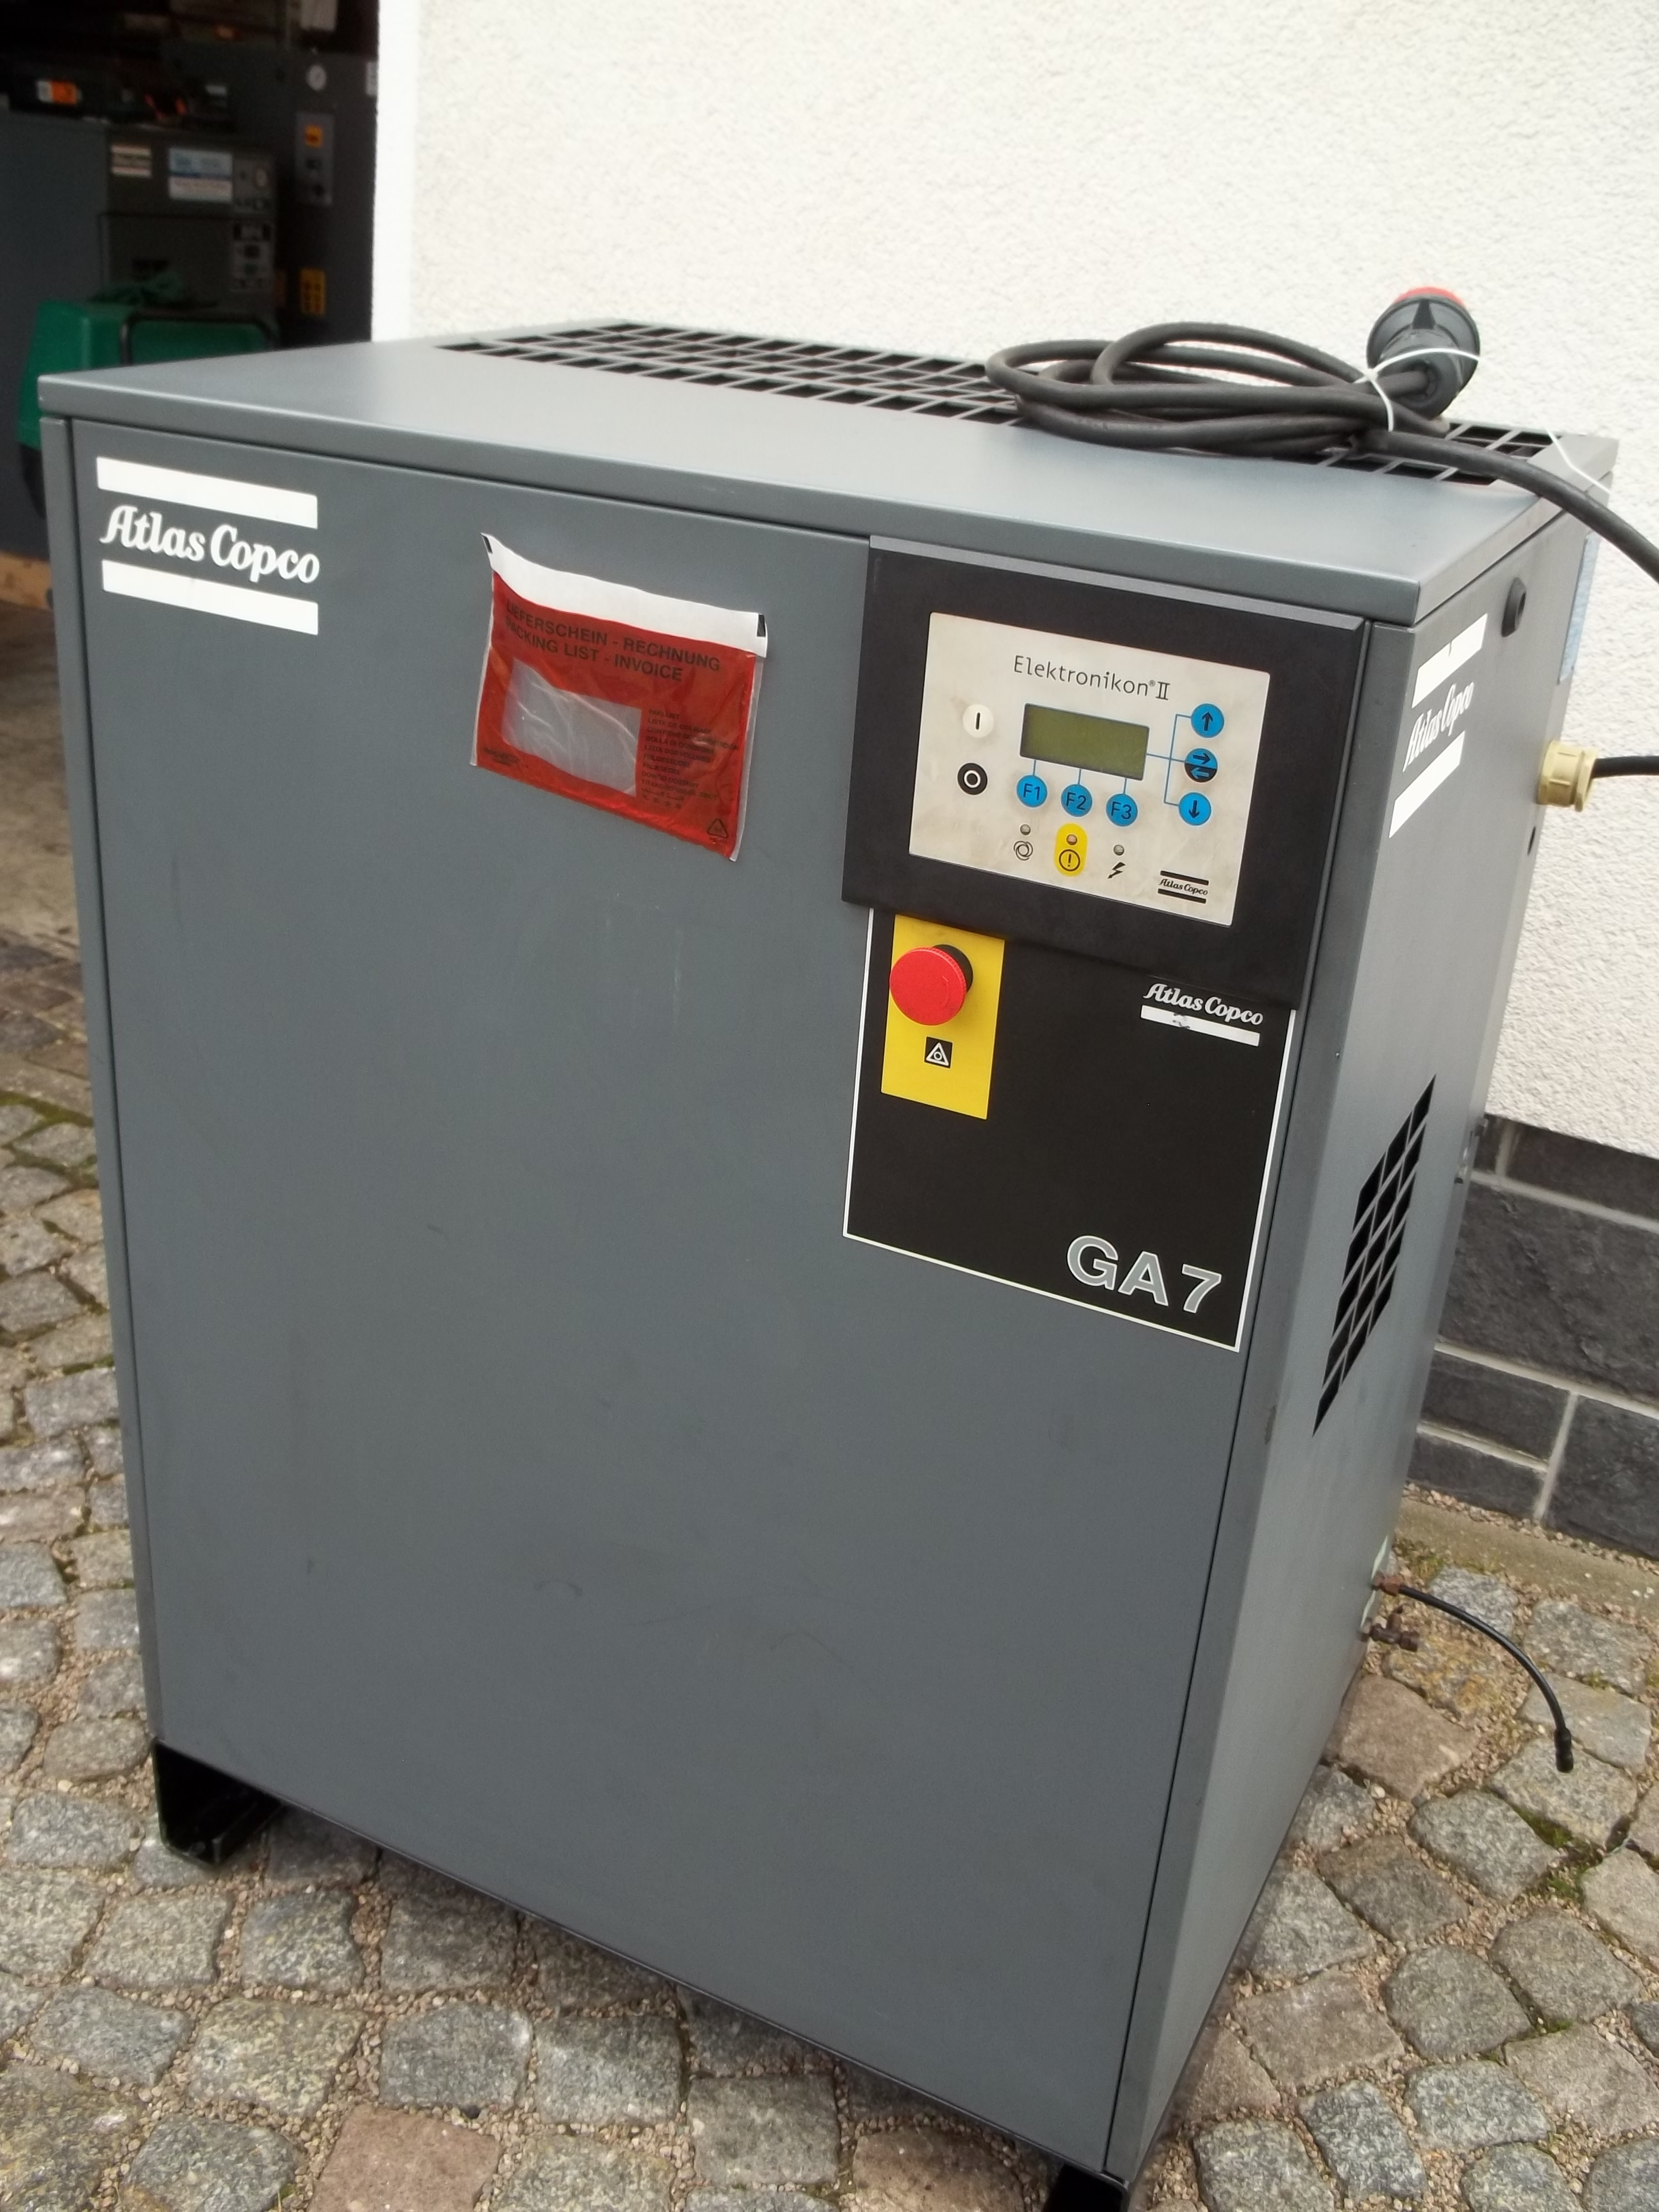 GA 7-10 FF mit integriertem Kältetrockner